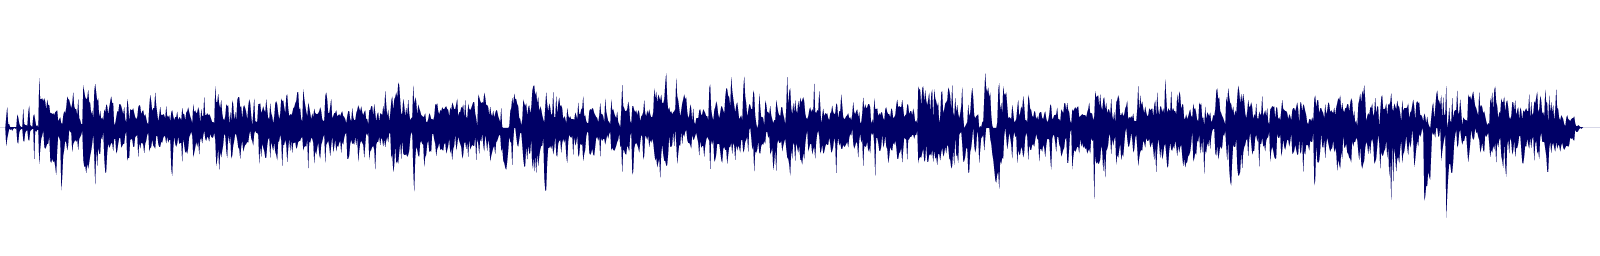 waveform of track #96594